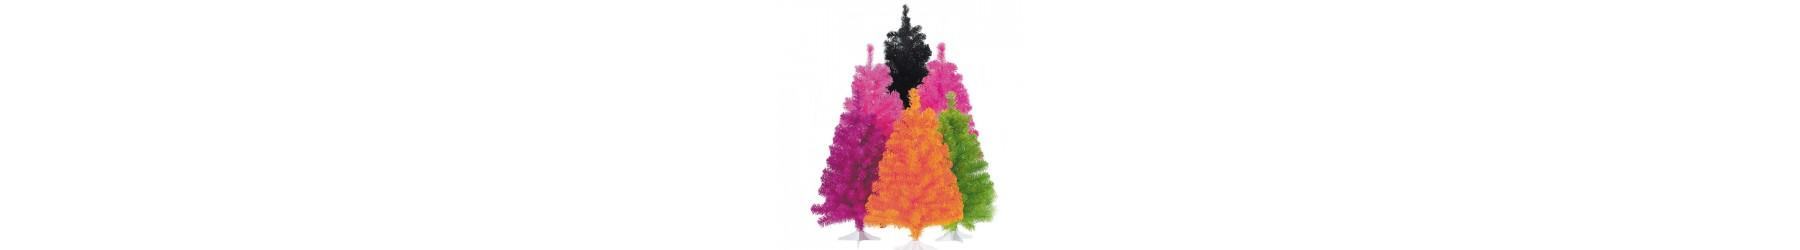 Χριστουγεννιάτικα πολύχρωμα δέντρα  σε μεγάλη ποικιλία